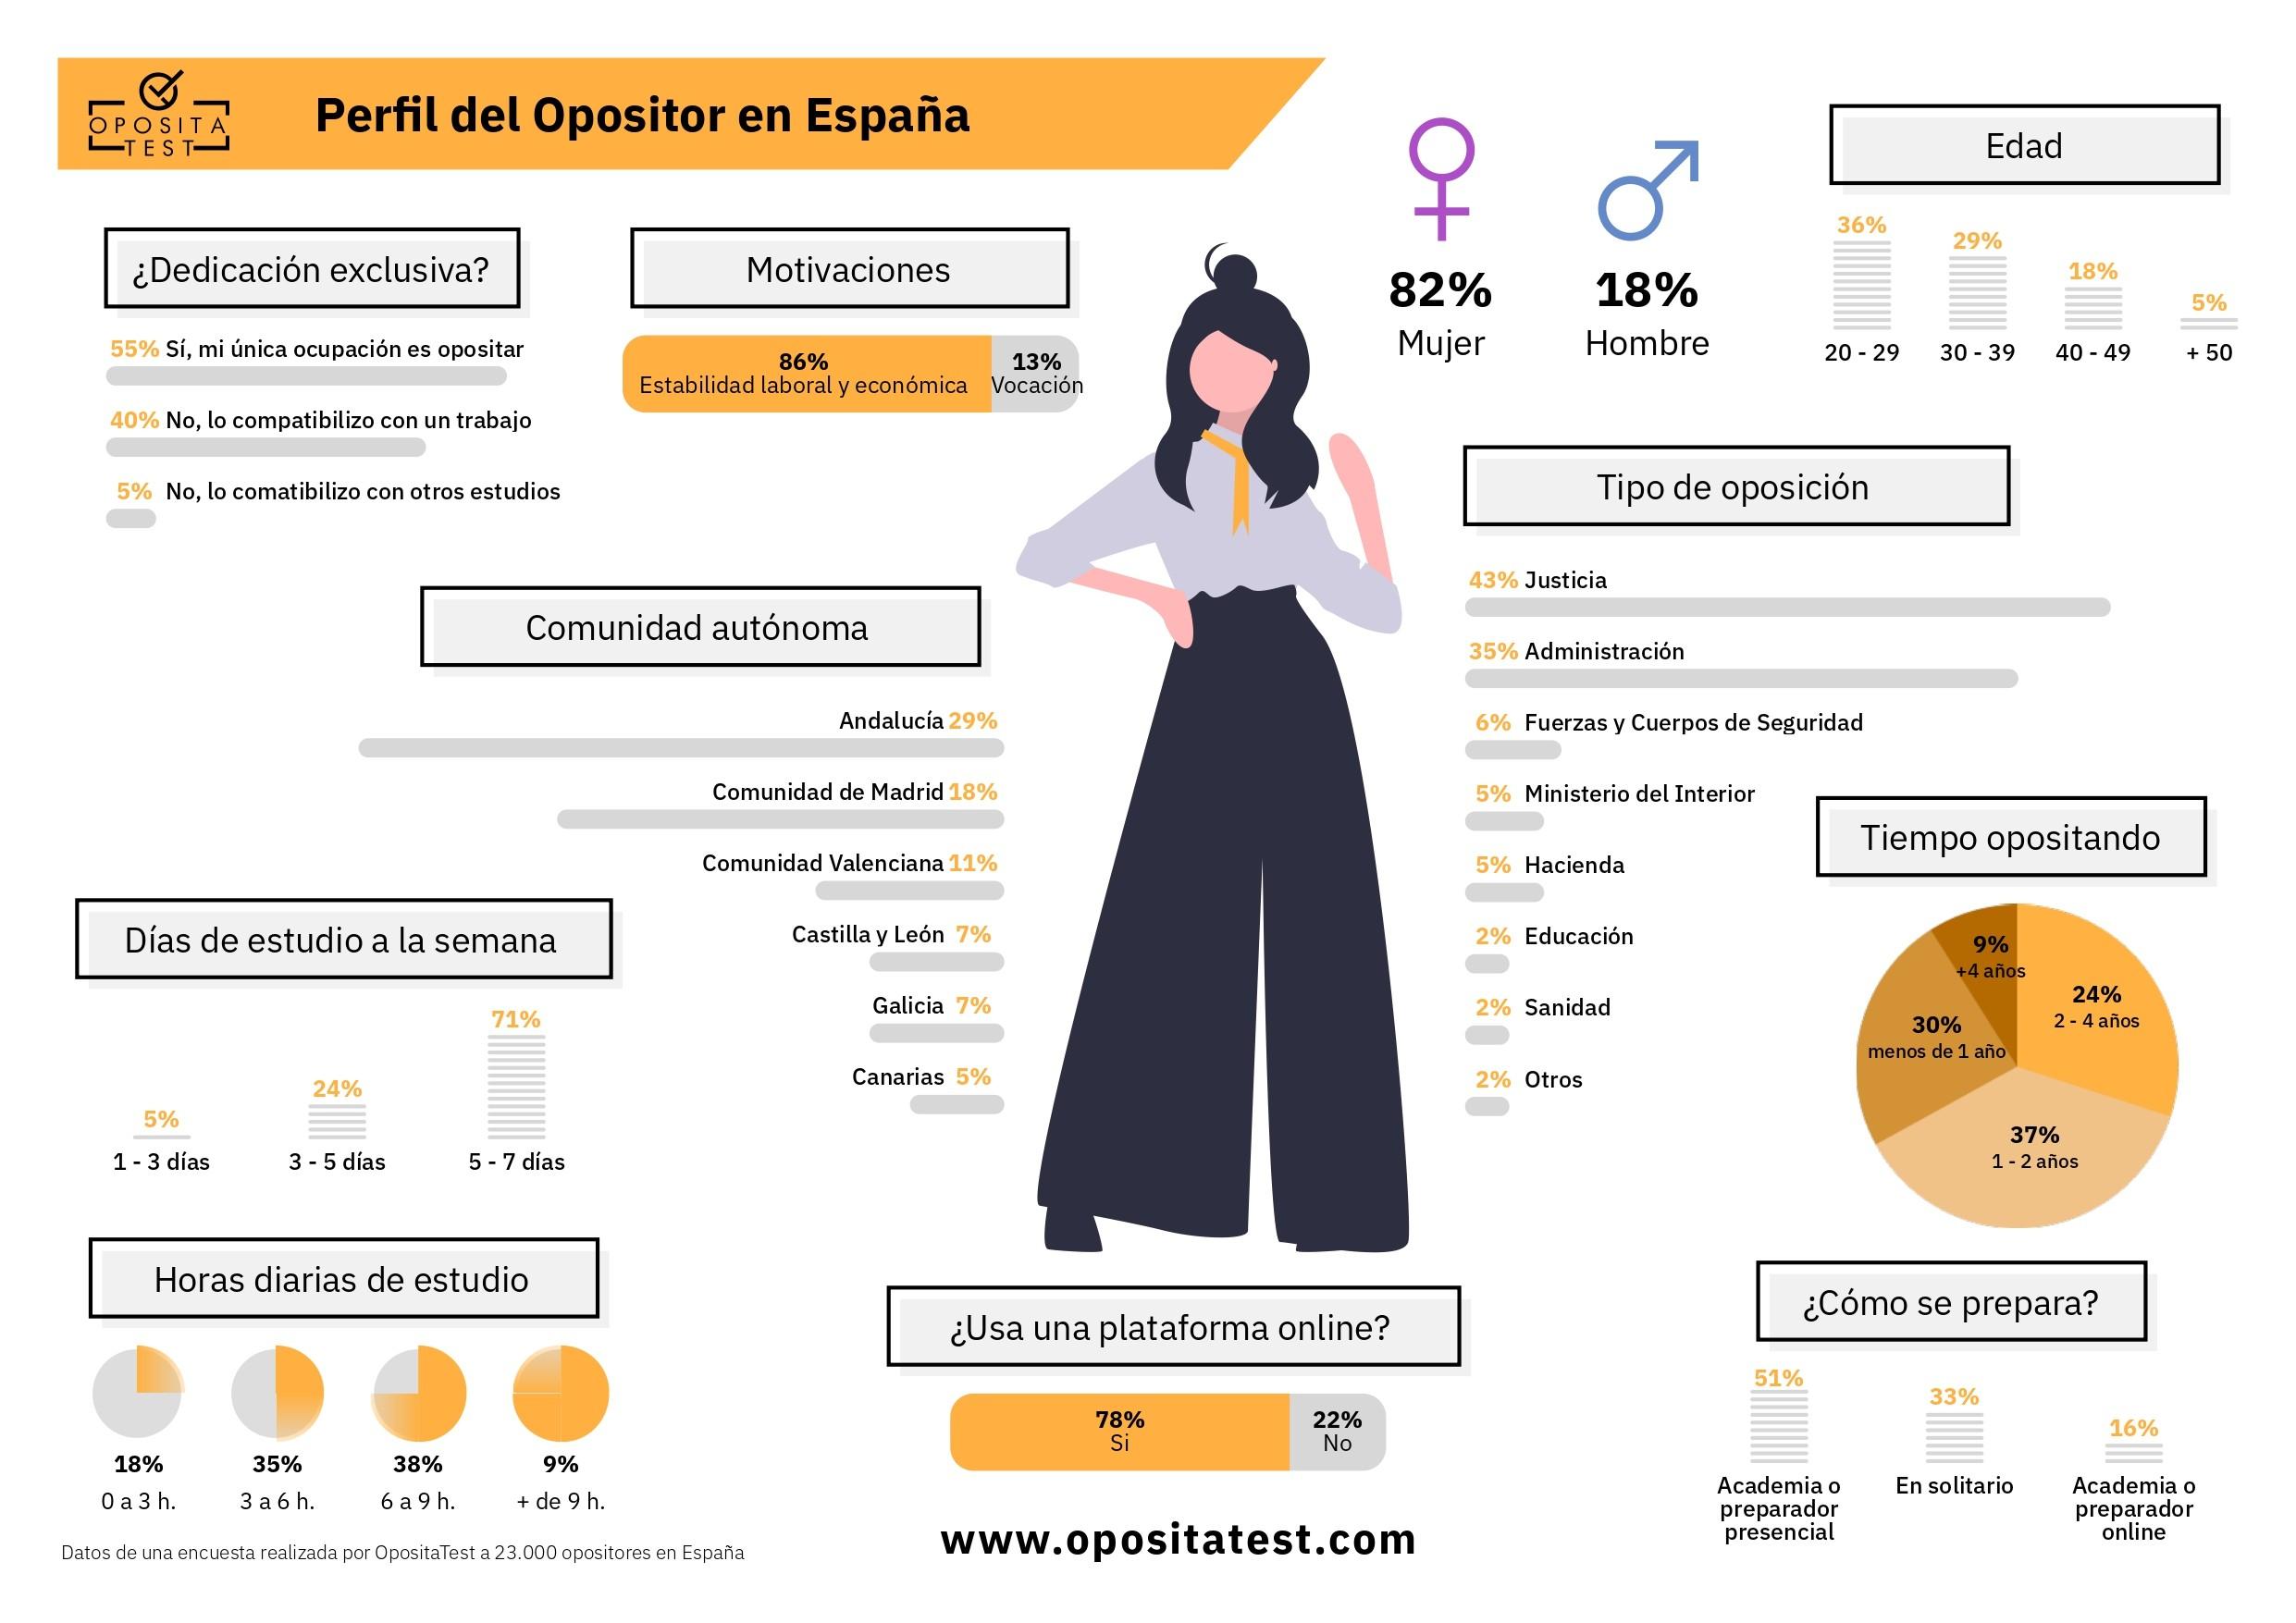 Perfil del opositor en España 2019